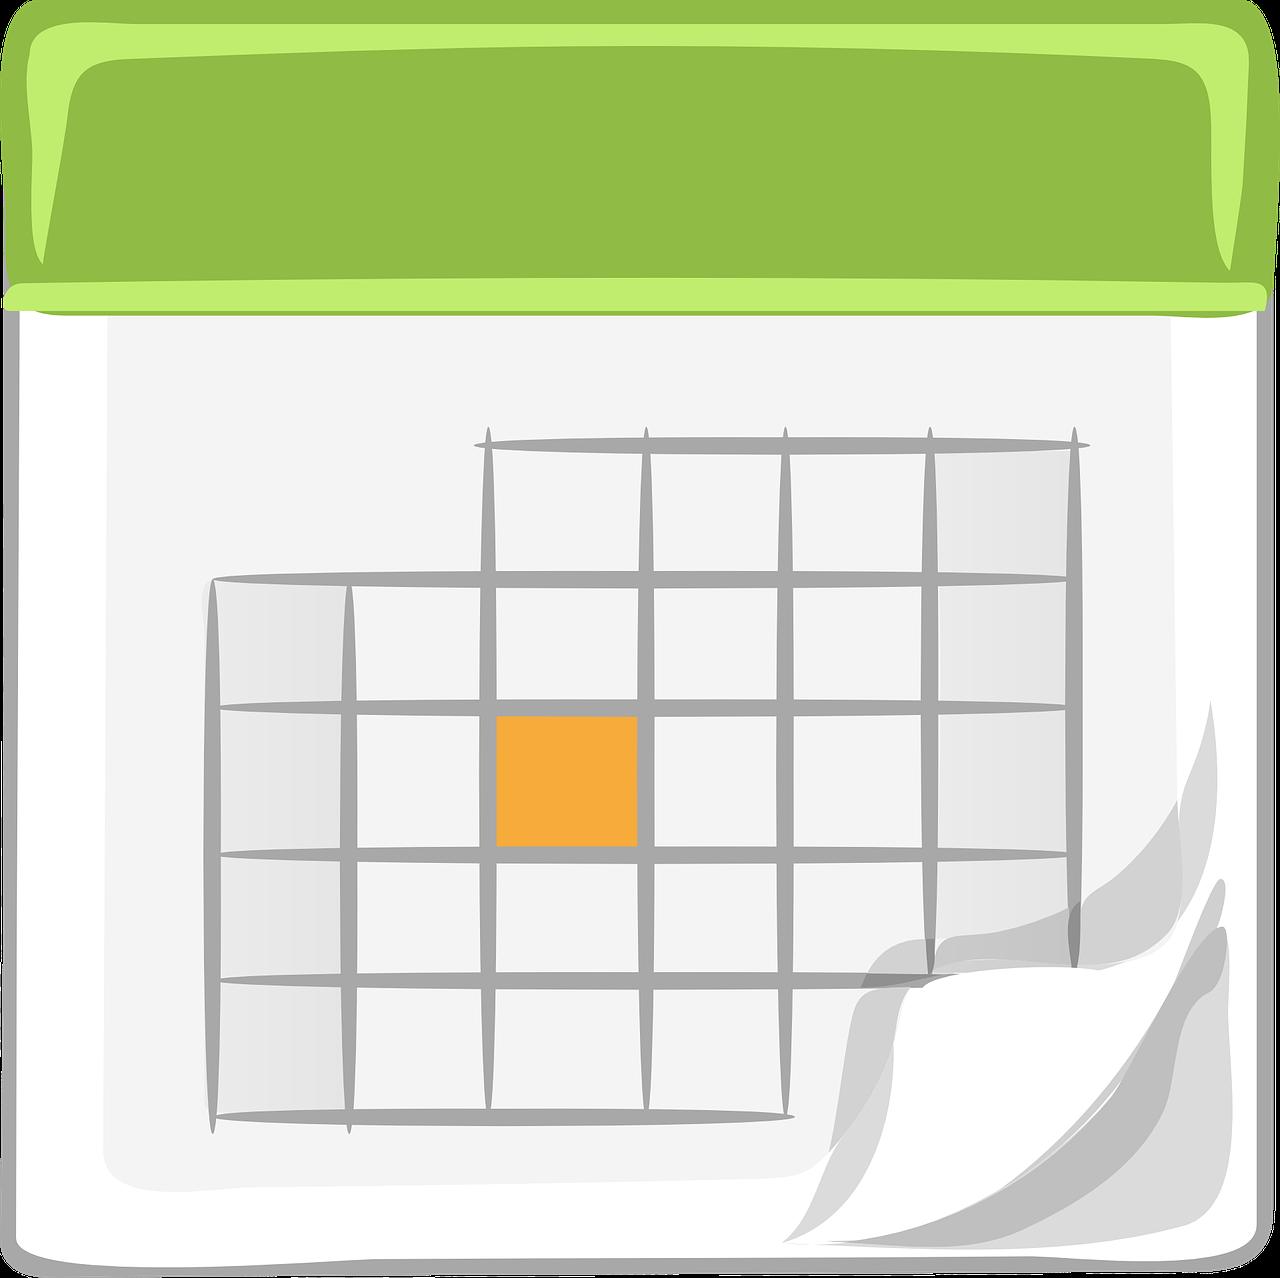 Date branchement contact info sites de rencontres de santé naturels